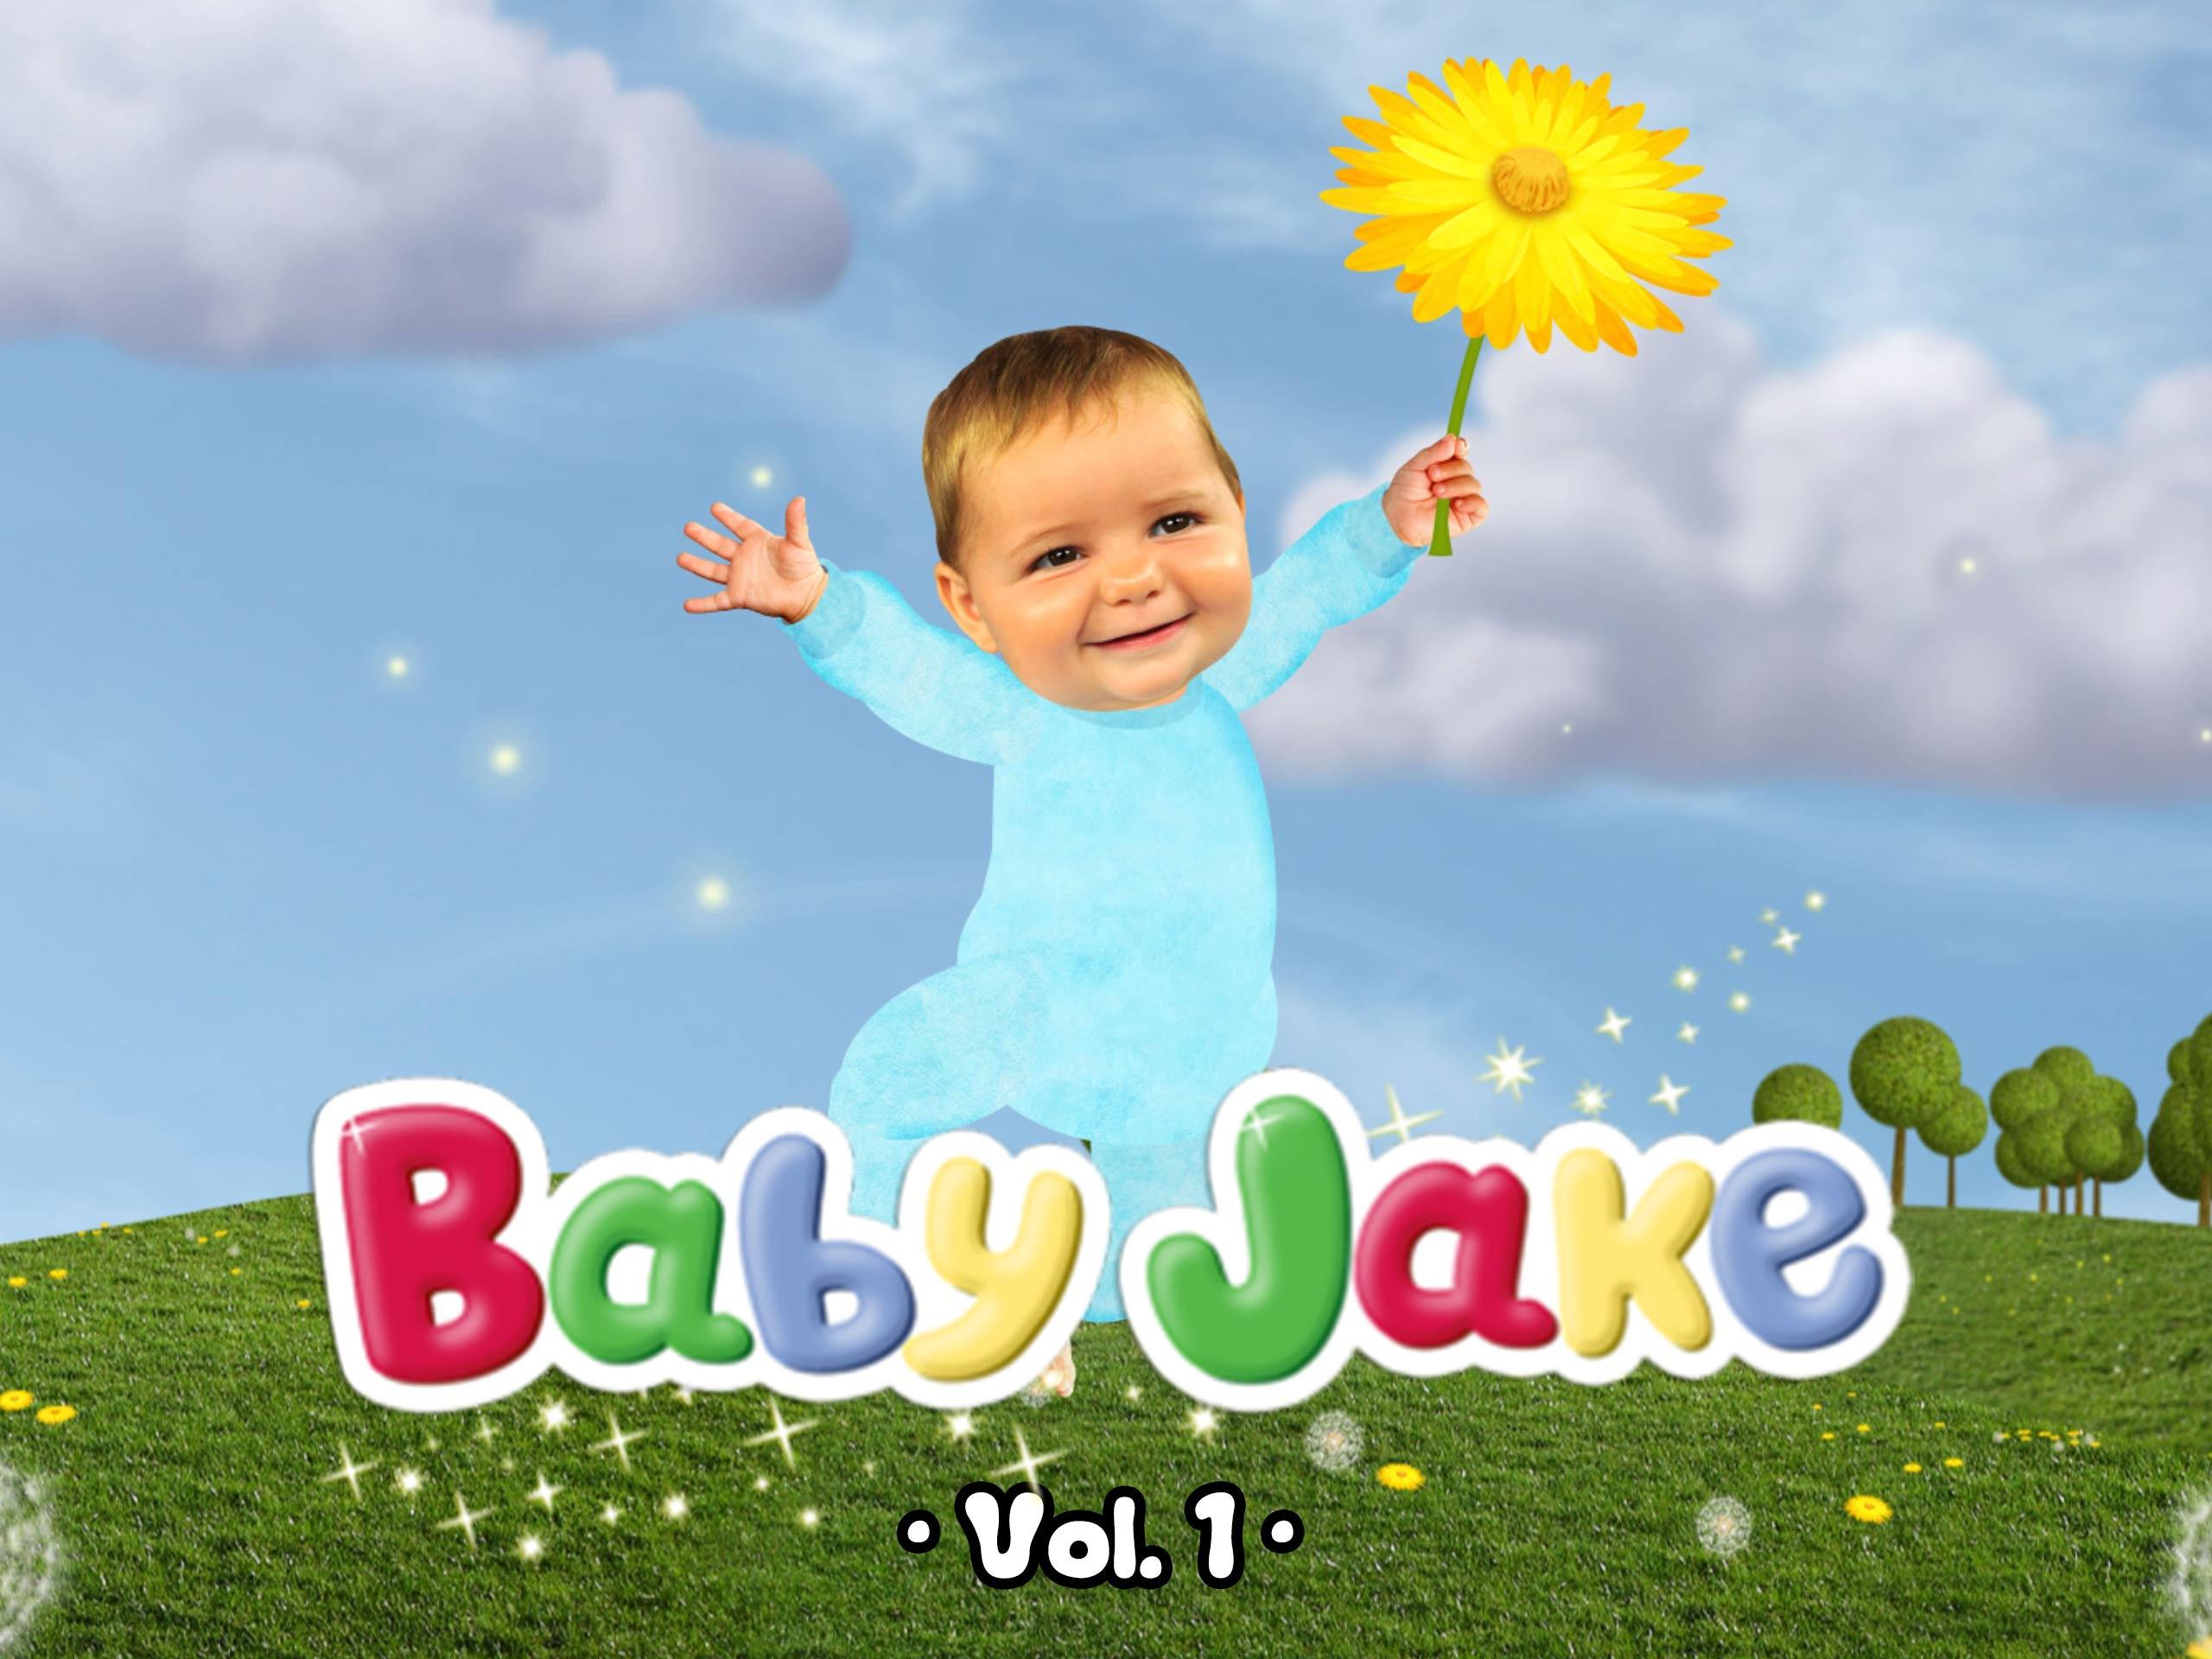 Prime Video: Baby Jake Vol. 1